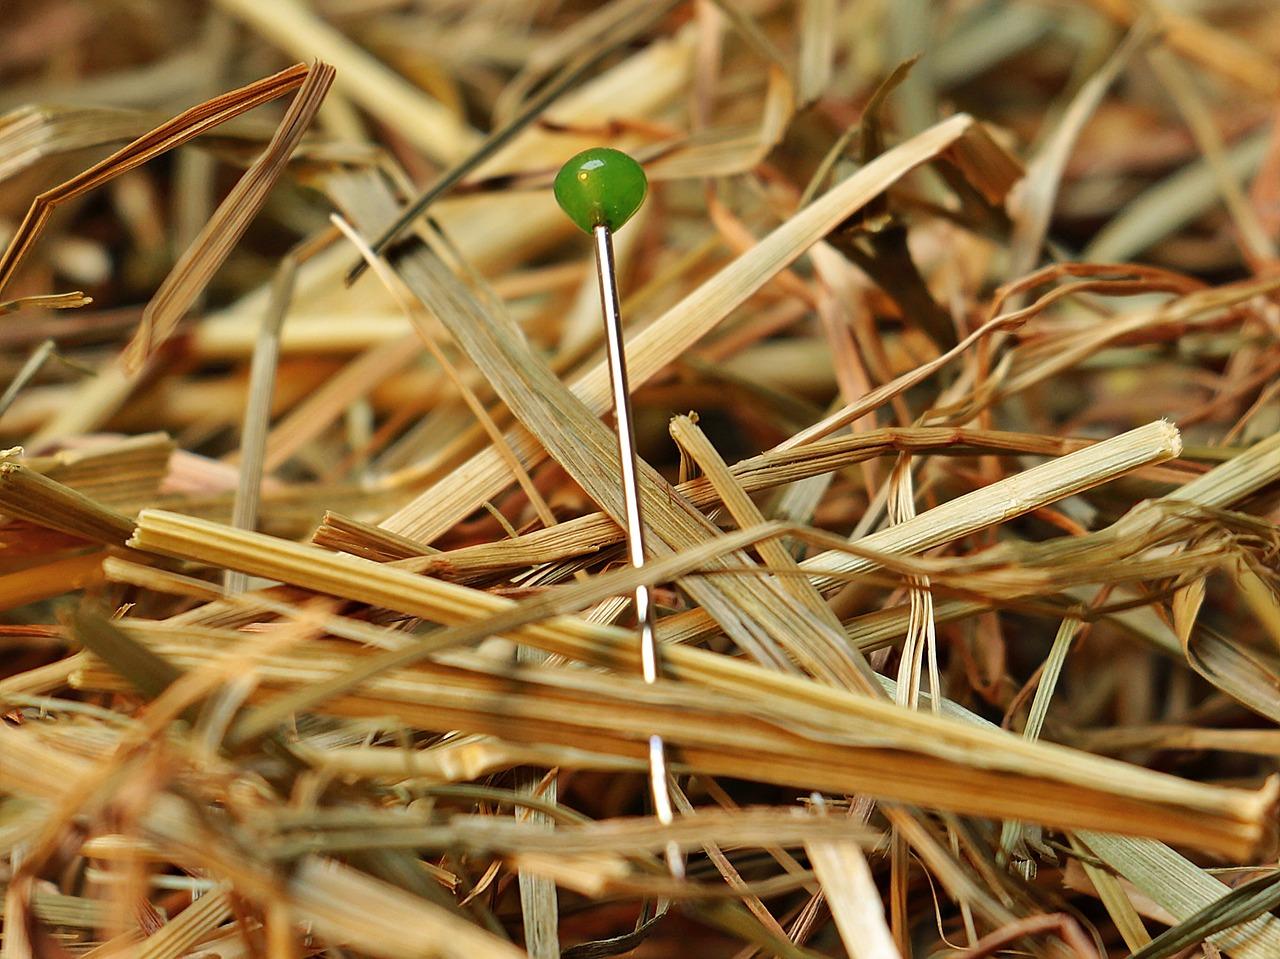 Zoekwoorden verwerken voor betere online vindbaarheid: 5 tips